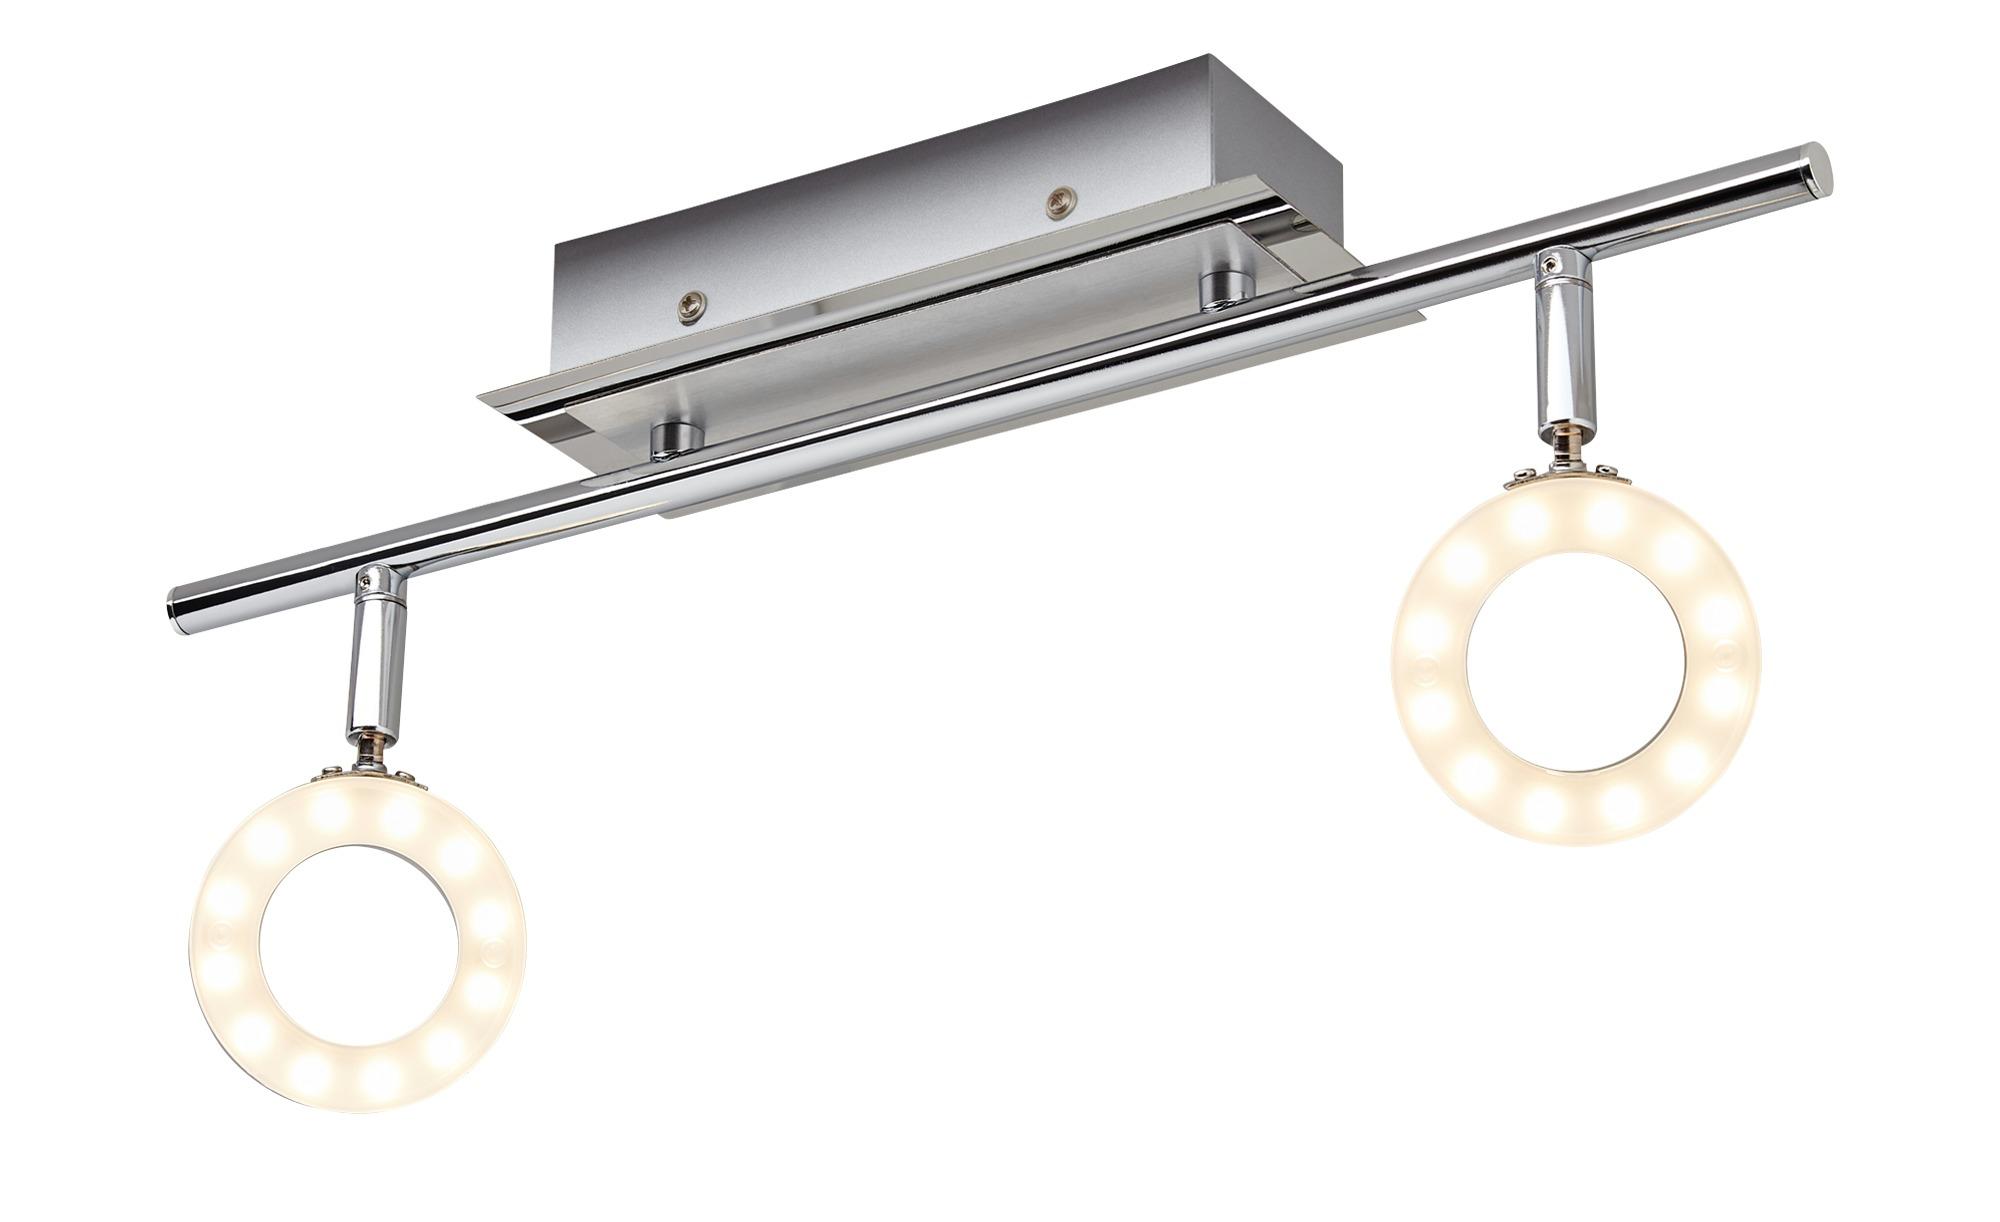 Paul Neuhaus LED- Deckenstrahler, 2-flammig, IP44 ¦ silber ¦ Maße (cm): B: 55 Lampen & Leuchten > Innenleuchten > Deckenleuchten - Höffner